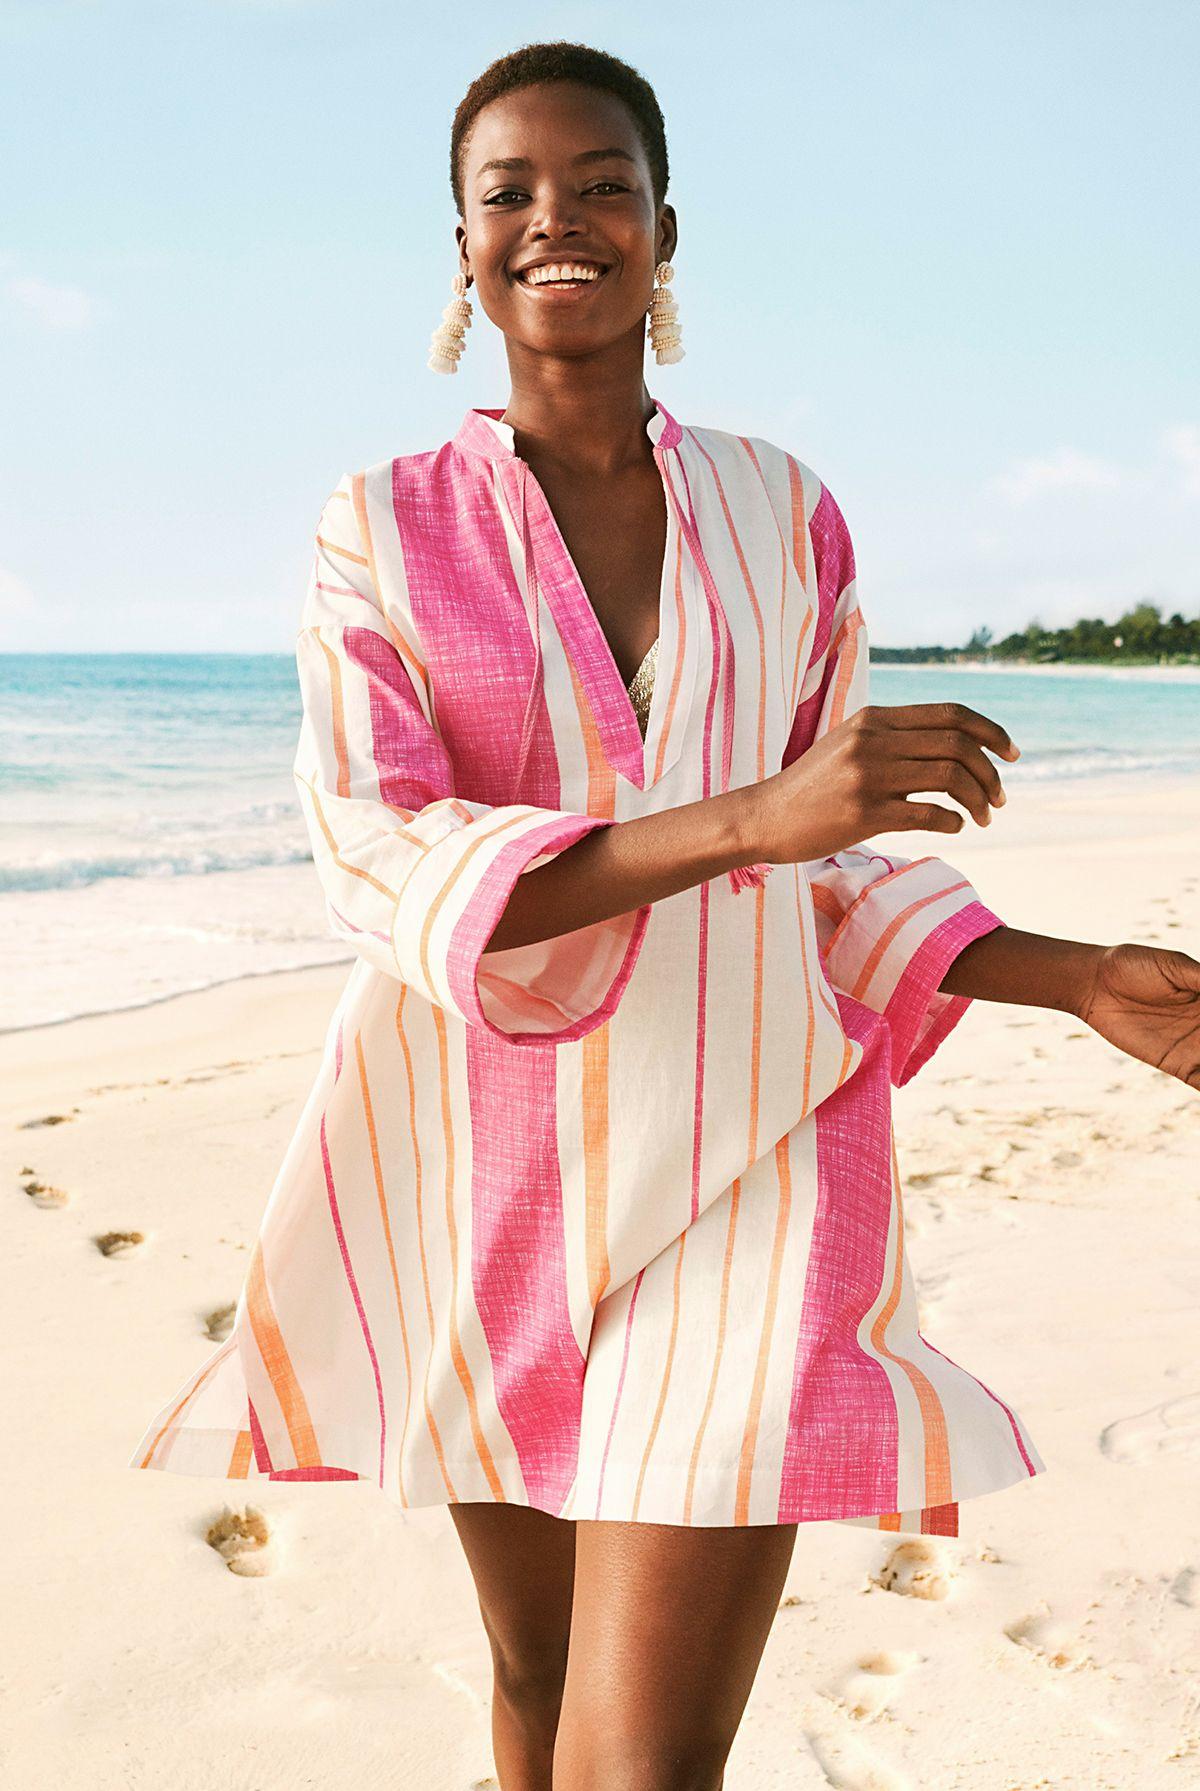 H&M moda mujer - Así es la colección de verano de H&M que te enamorará